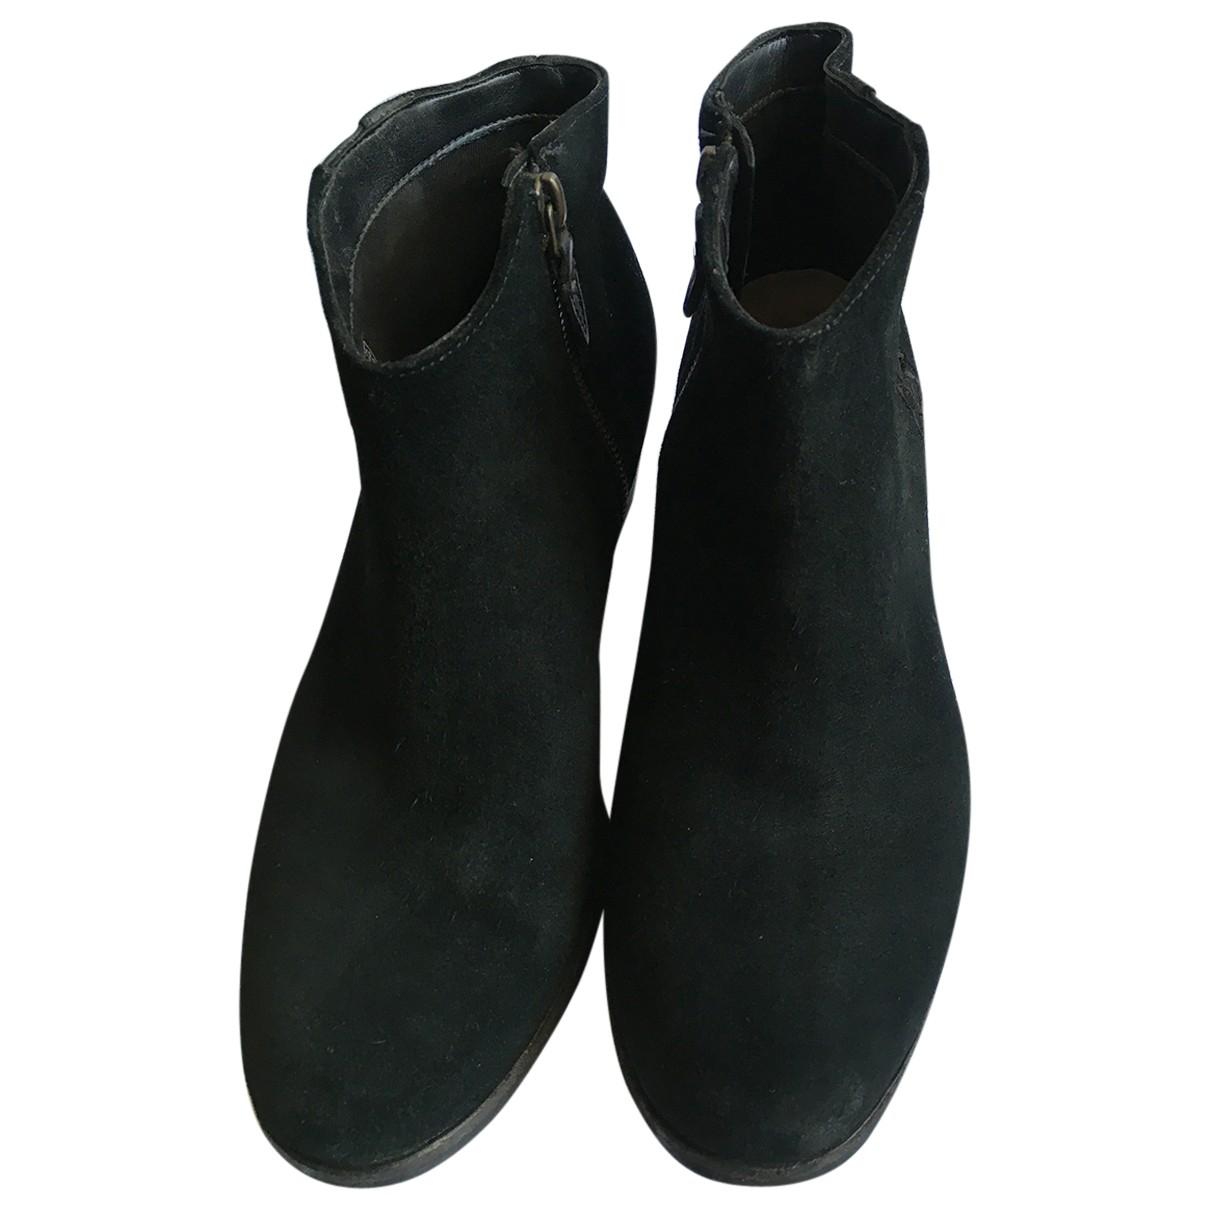 Clarks - Boots   pour femme en cuir - noir